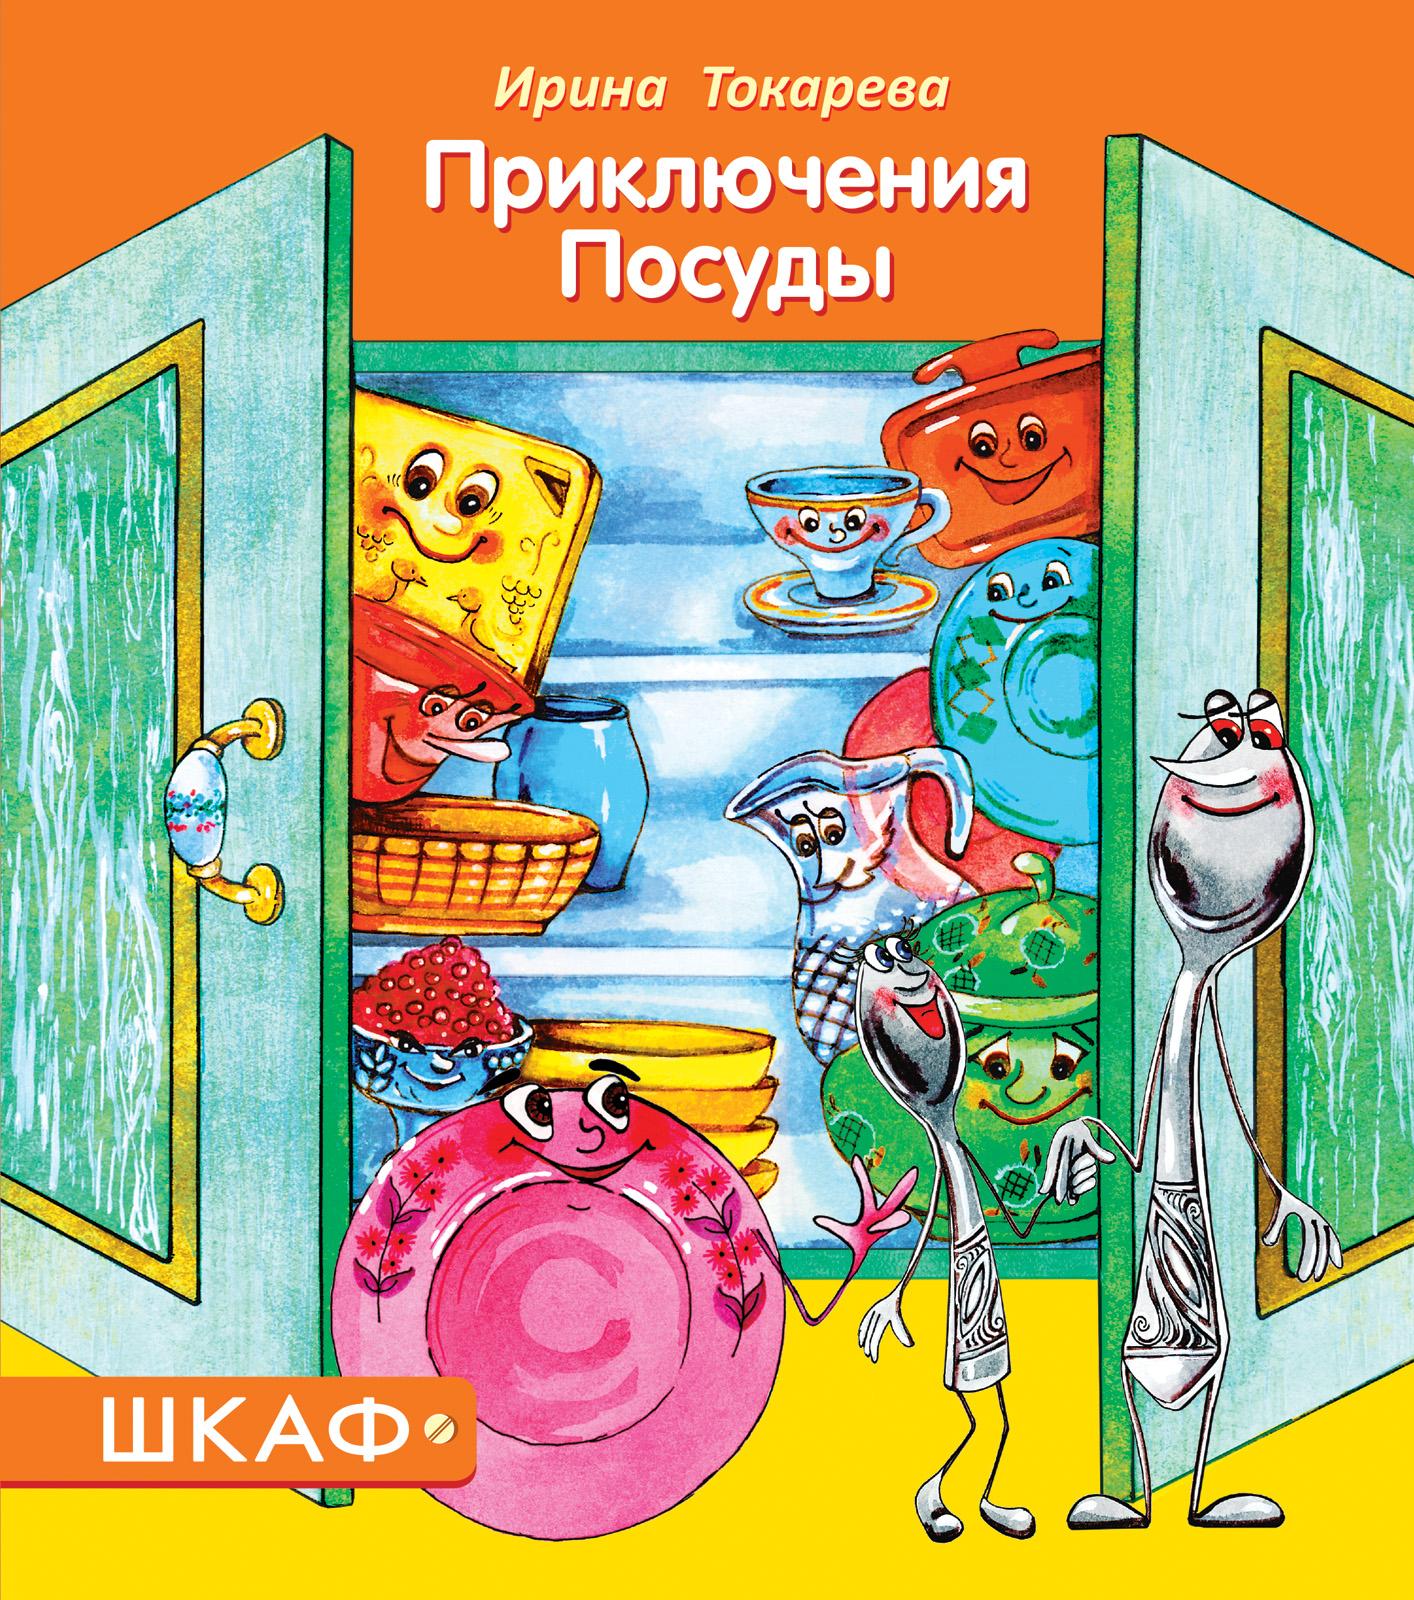 Приключения Посуды